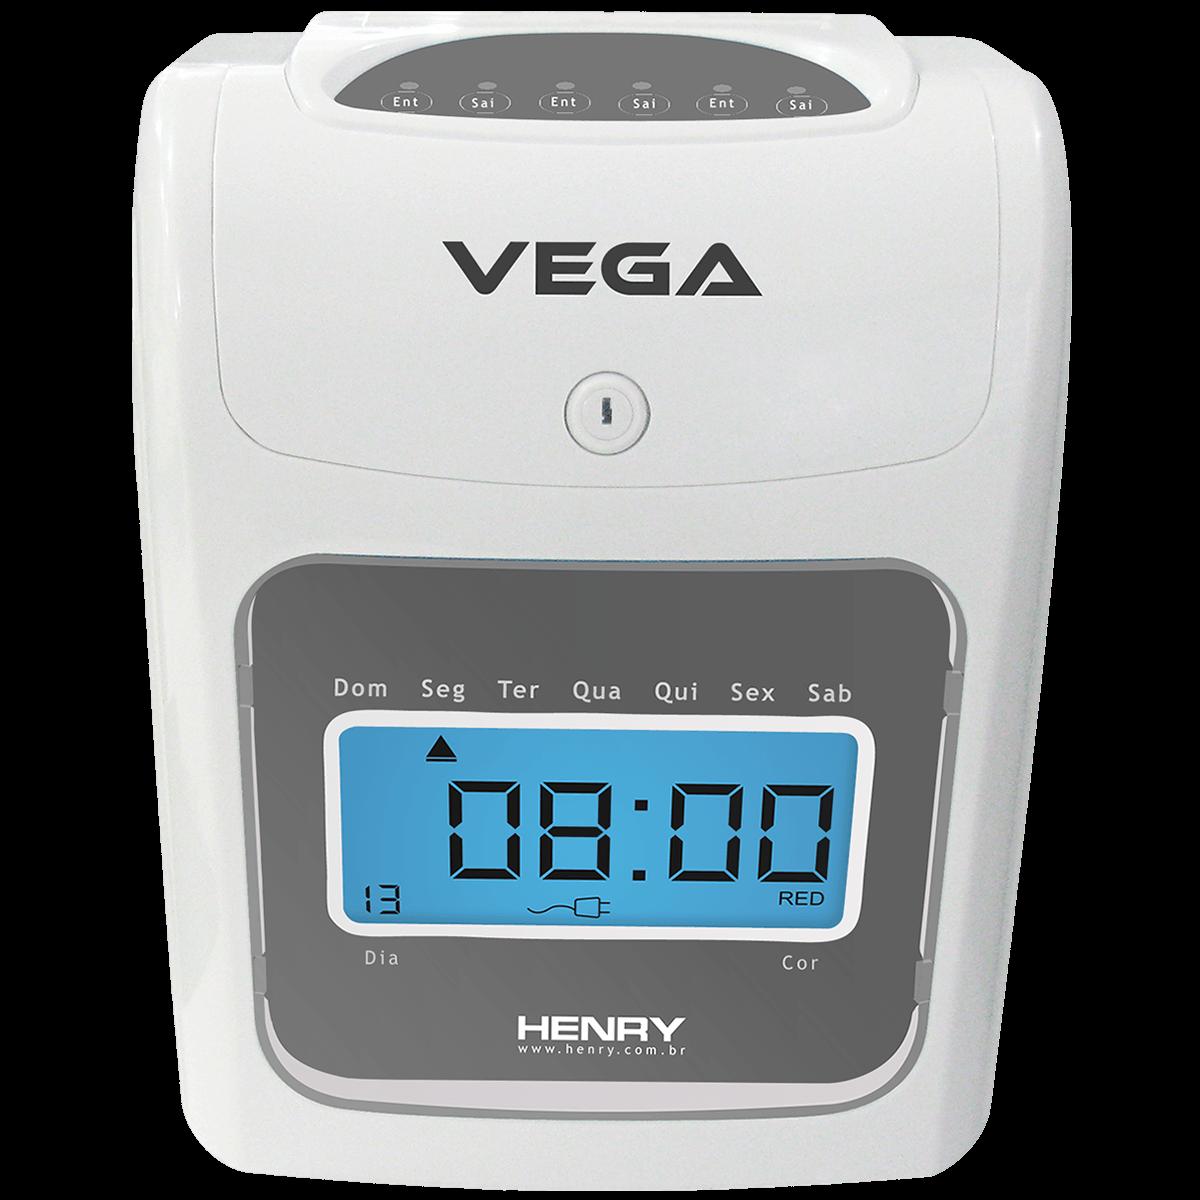 Manuais por Modelos Relógio Ponto Cartográfico Vega